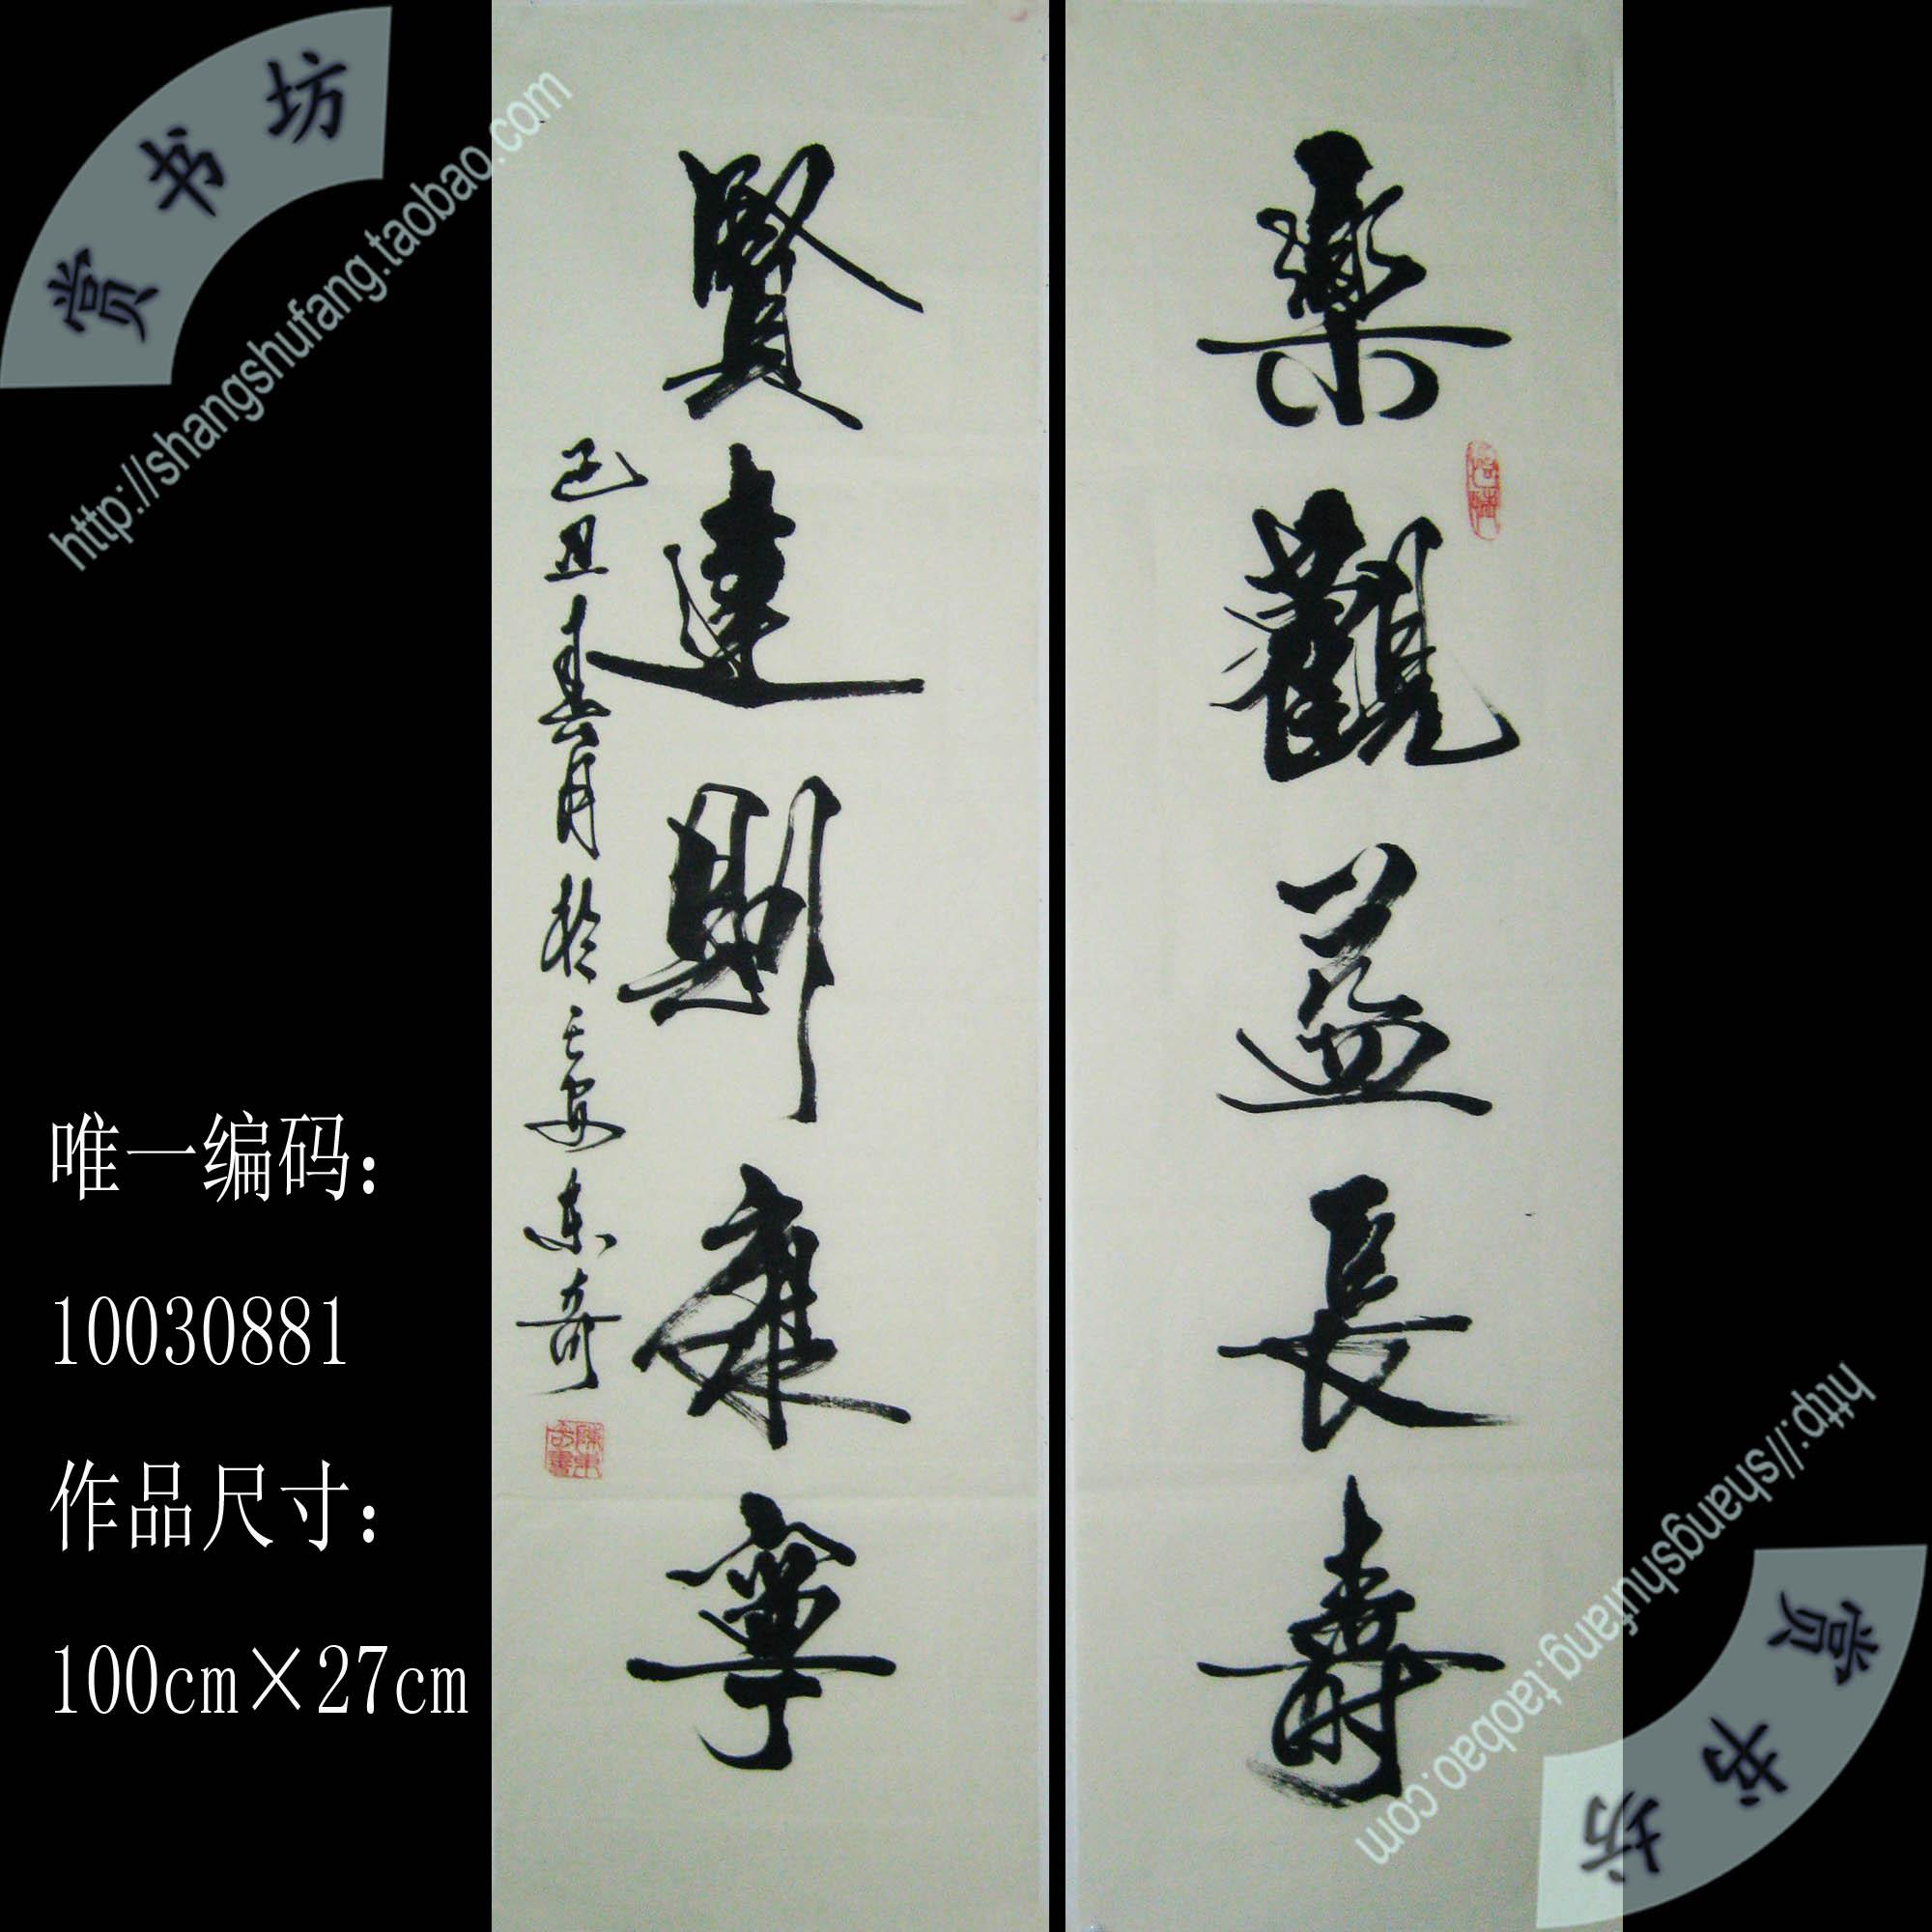 祝寿联 名家东奇书法作品真迹 手写对联行书画字画装饰画礼品包邮图片